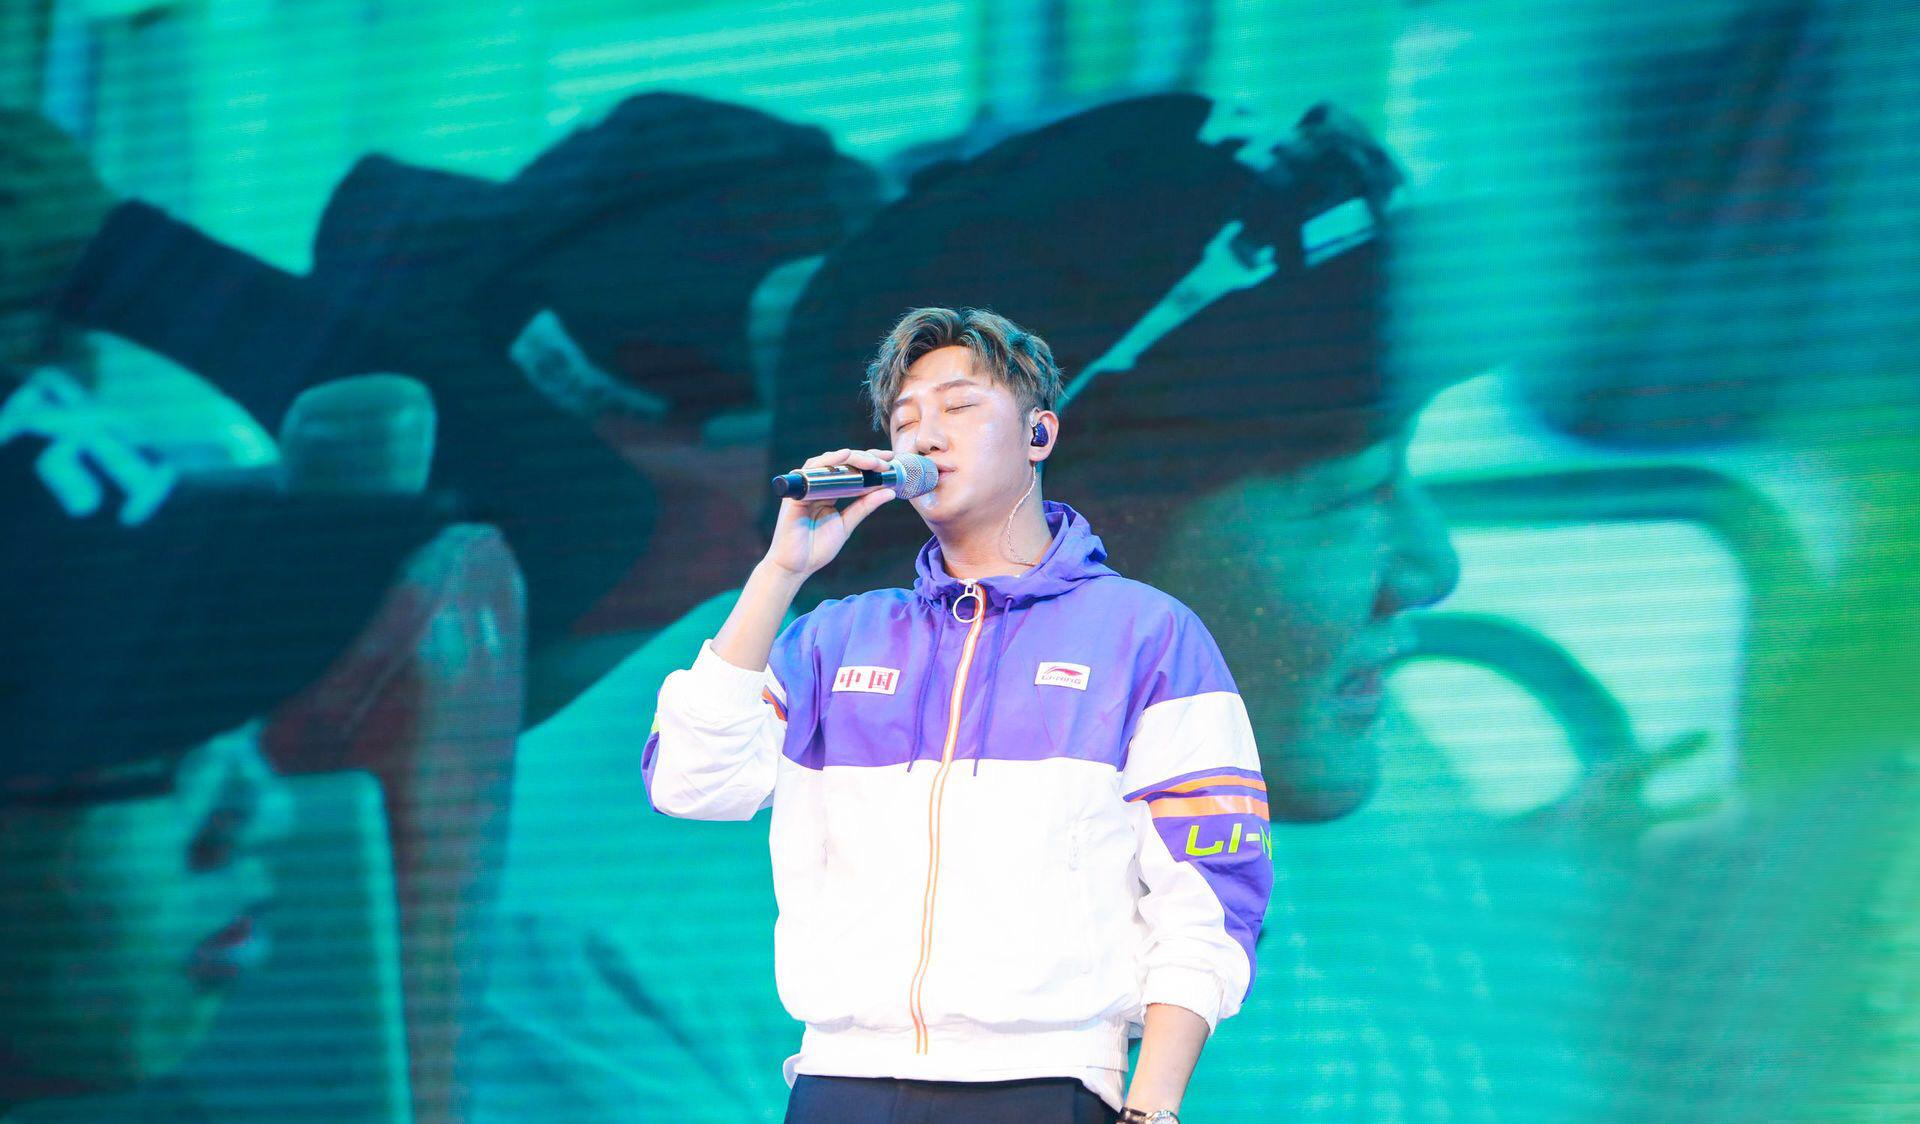 亚洲最受欢迎男歌手得主关喆身穿李宁时尚开麦